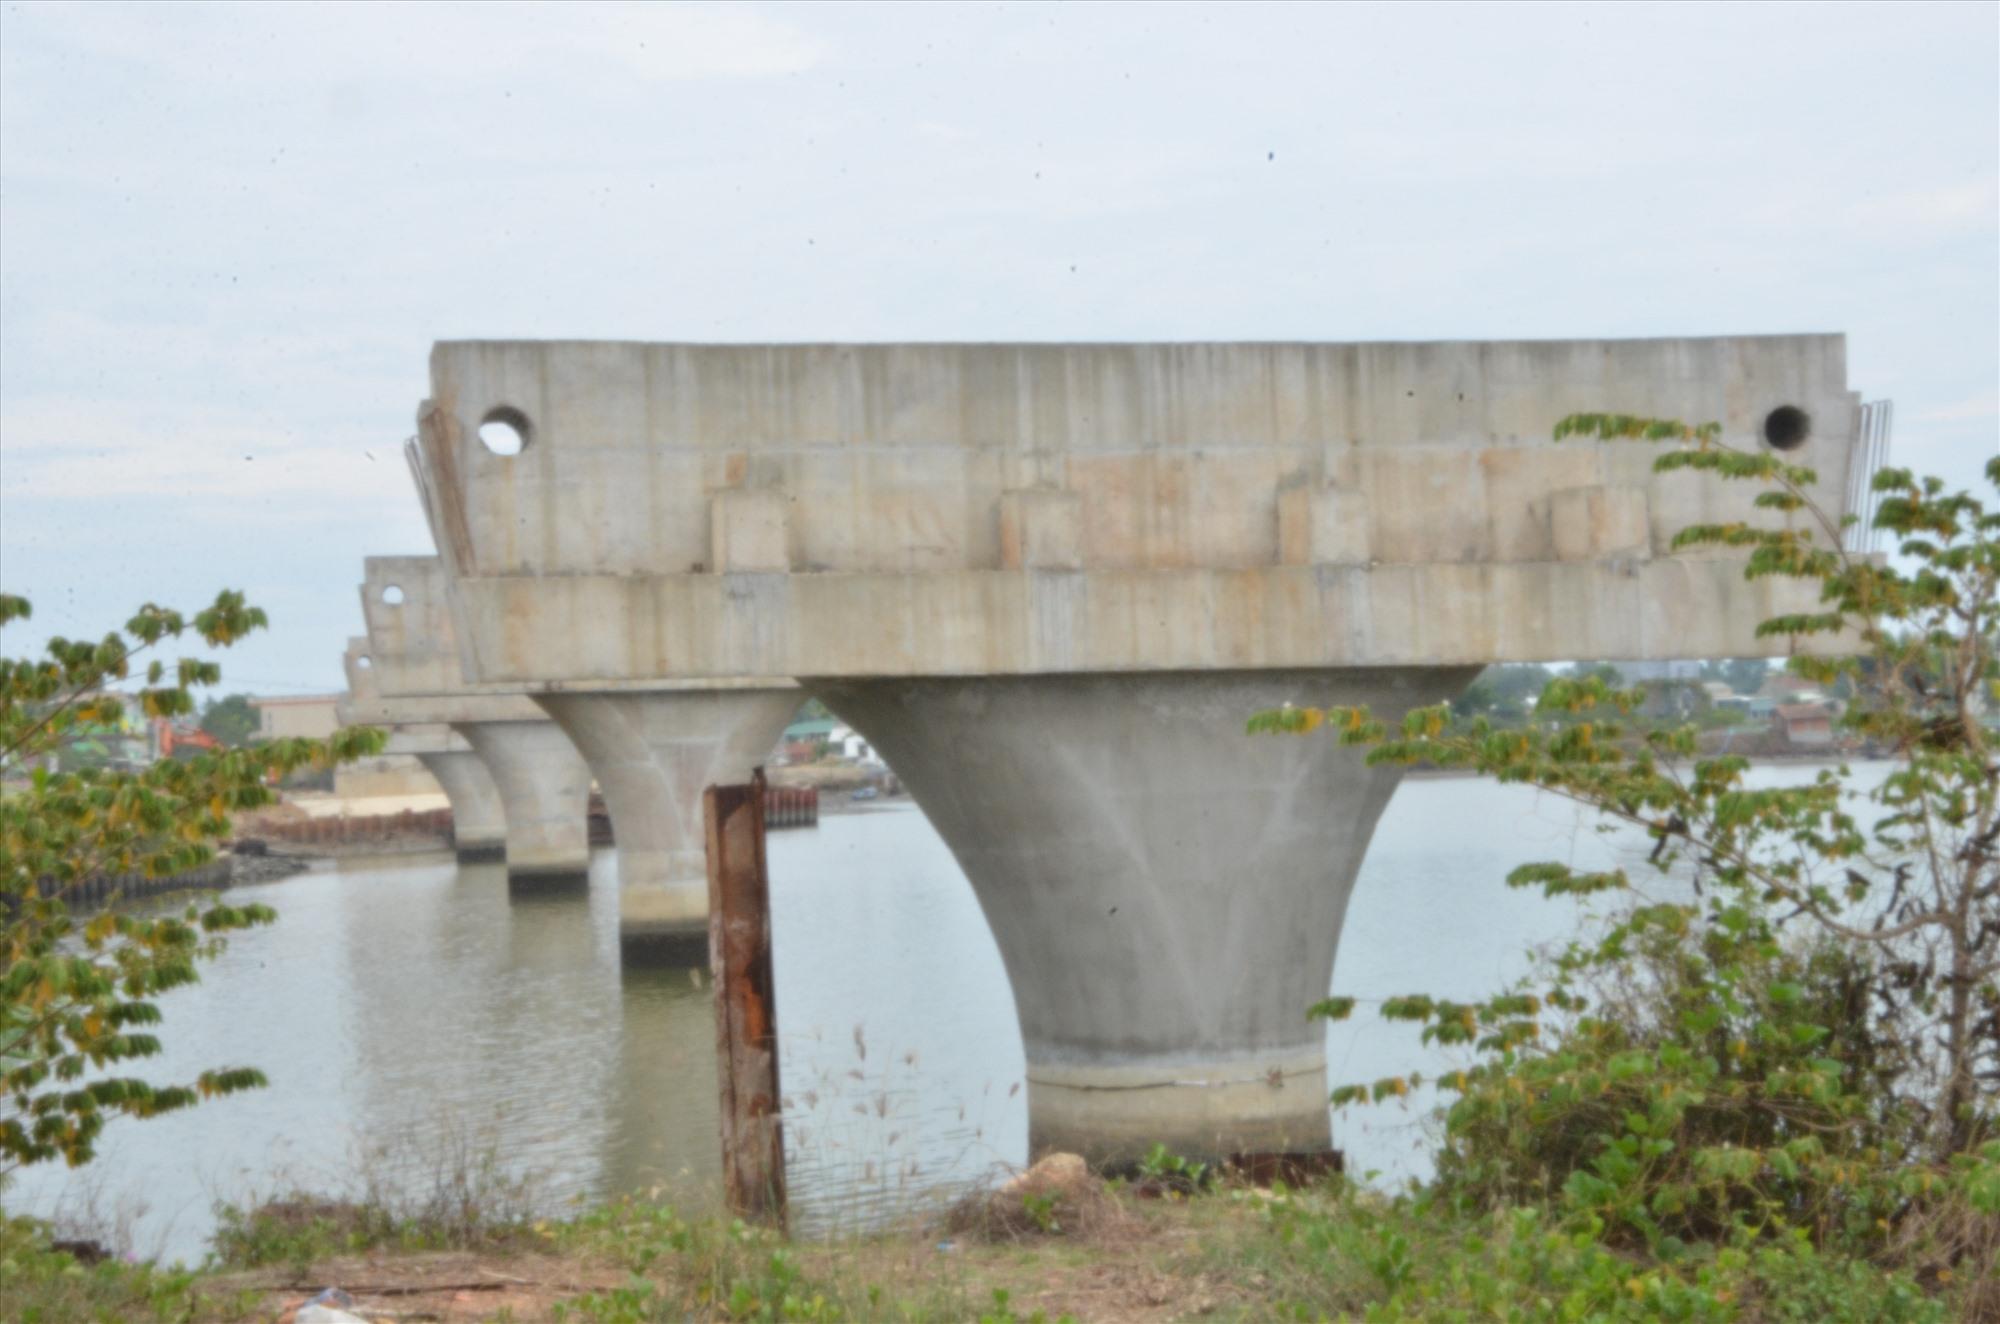 Cầu Tam Giang, nối bán đảo Tam Giang với đô thị Núi Thành nhiều năm thi công dở dang do vướng mặt bằng. Ảnh: H.P